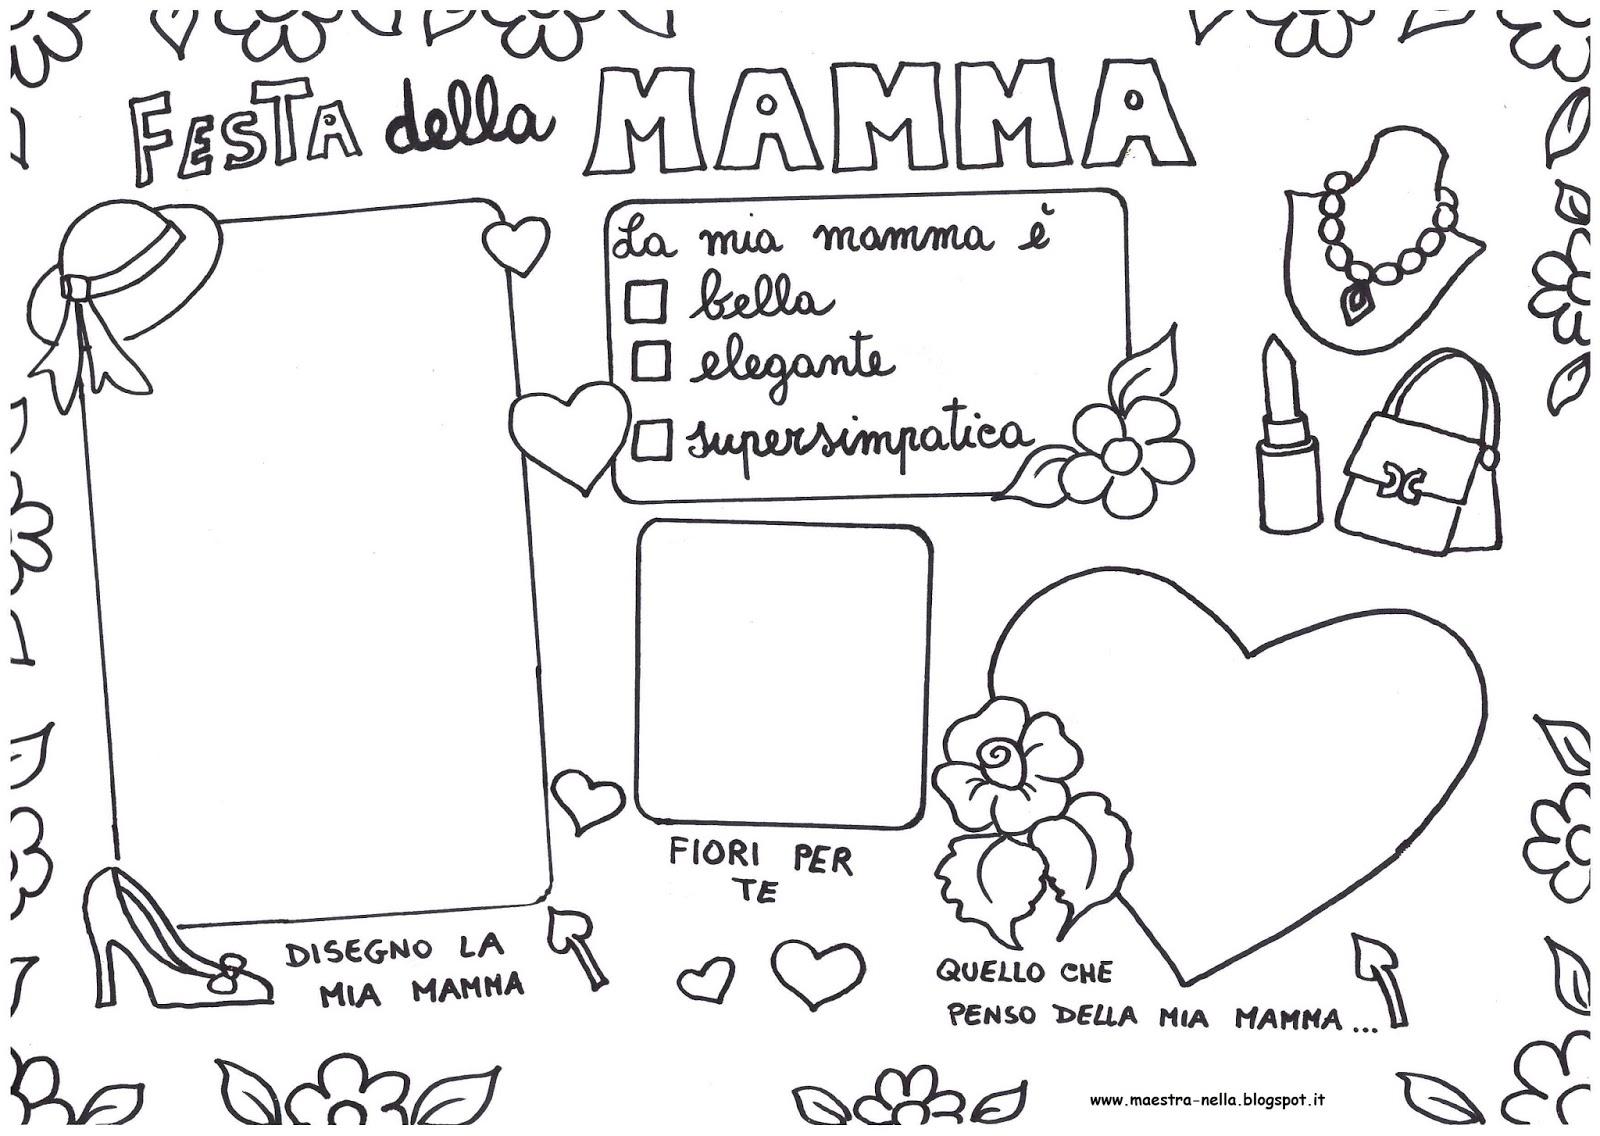 Disegni Da Colorare Fiori Maestra Mary.Festa Della Mamma Da Colorare